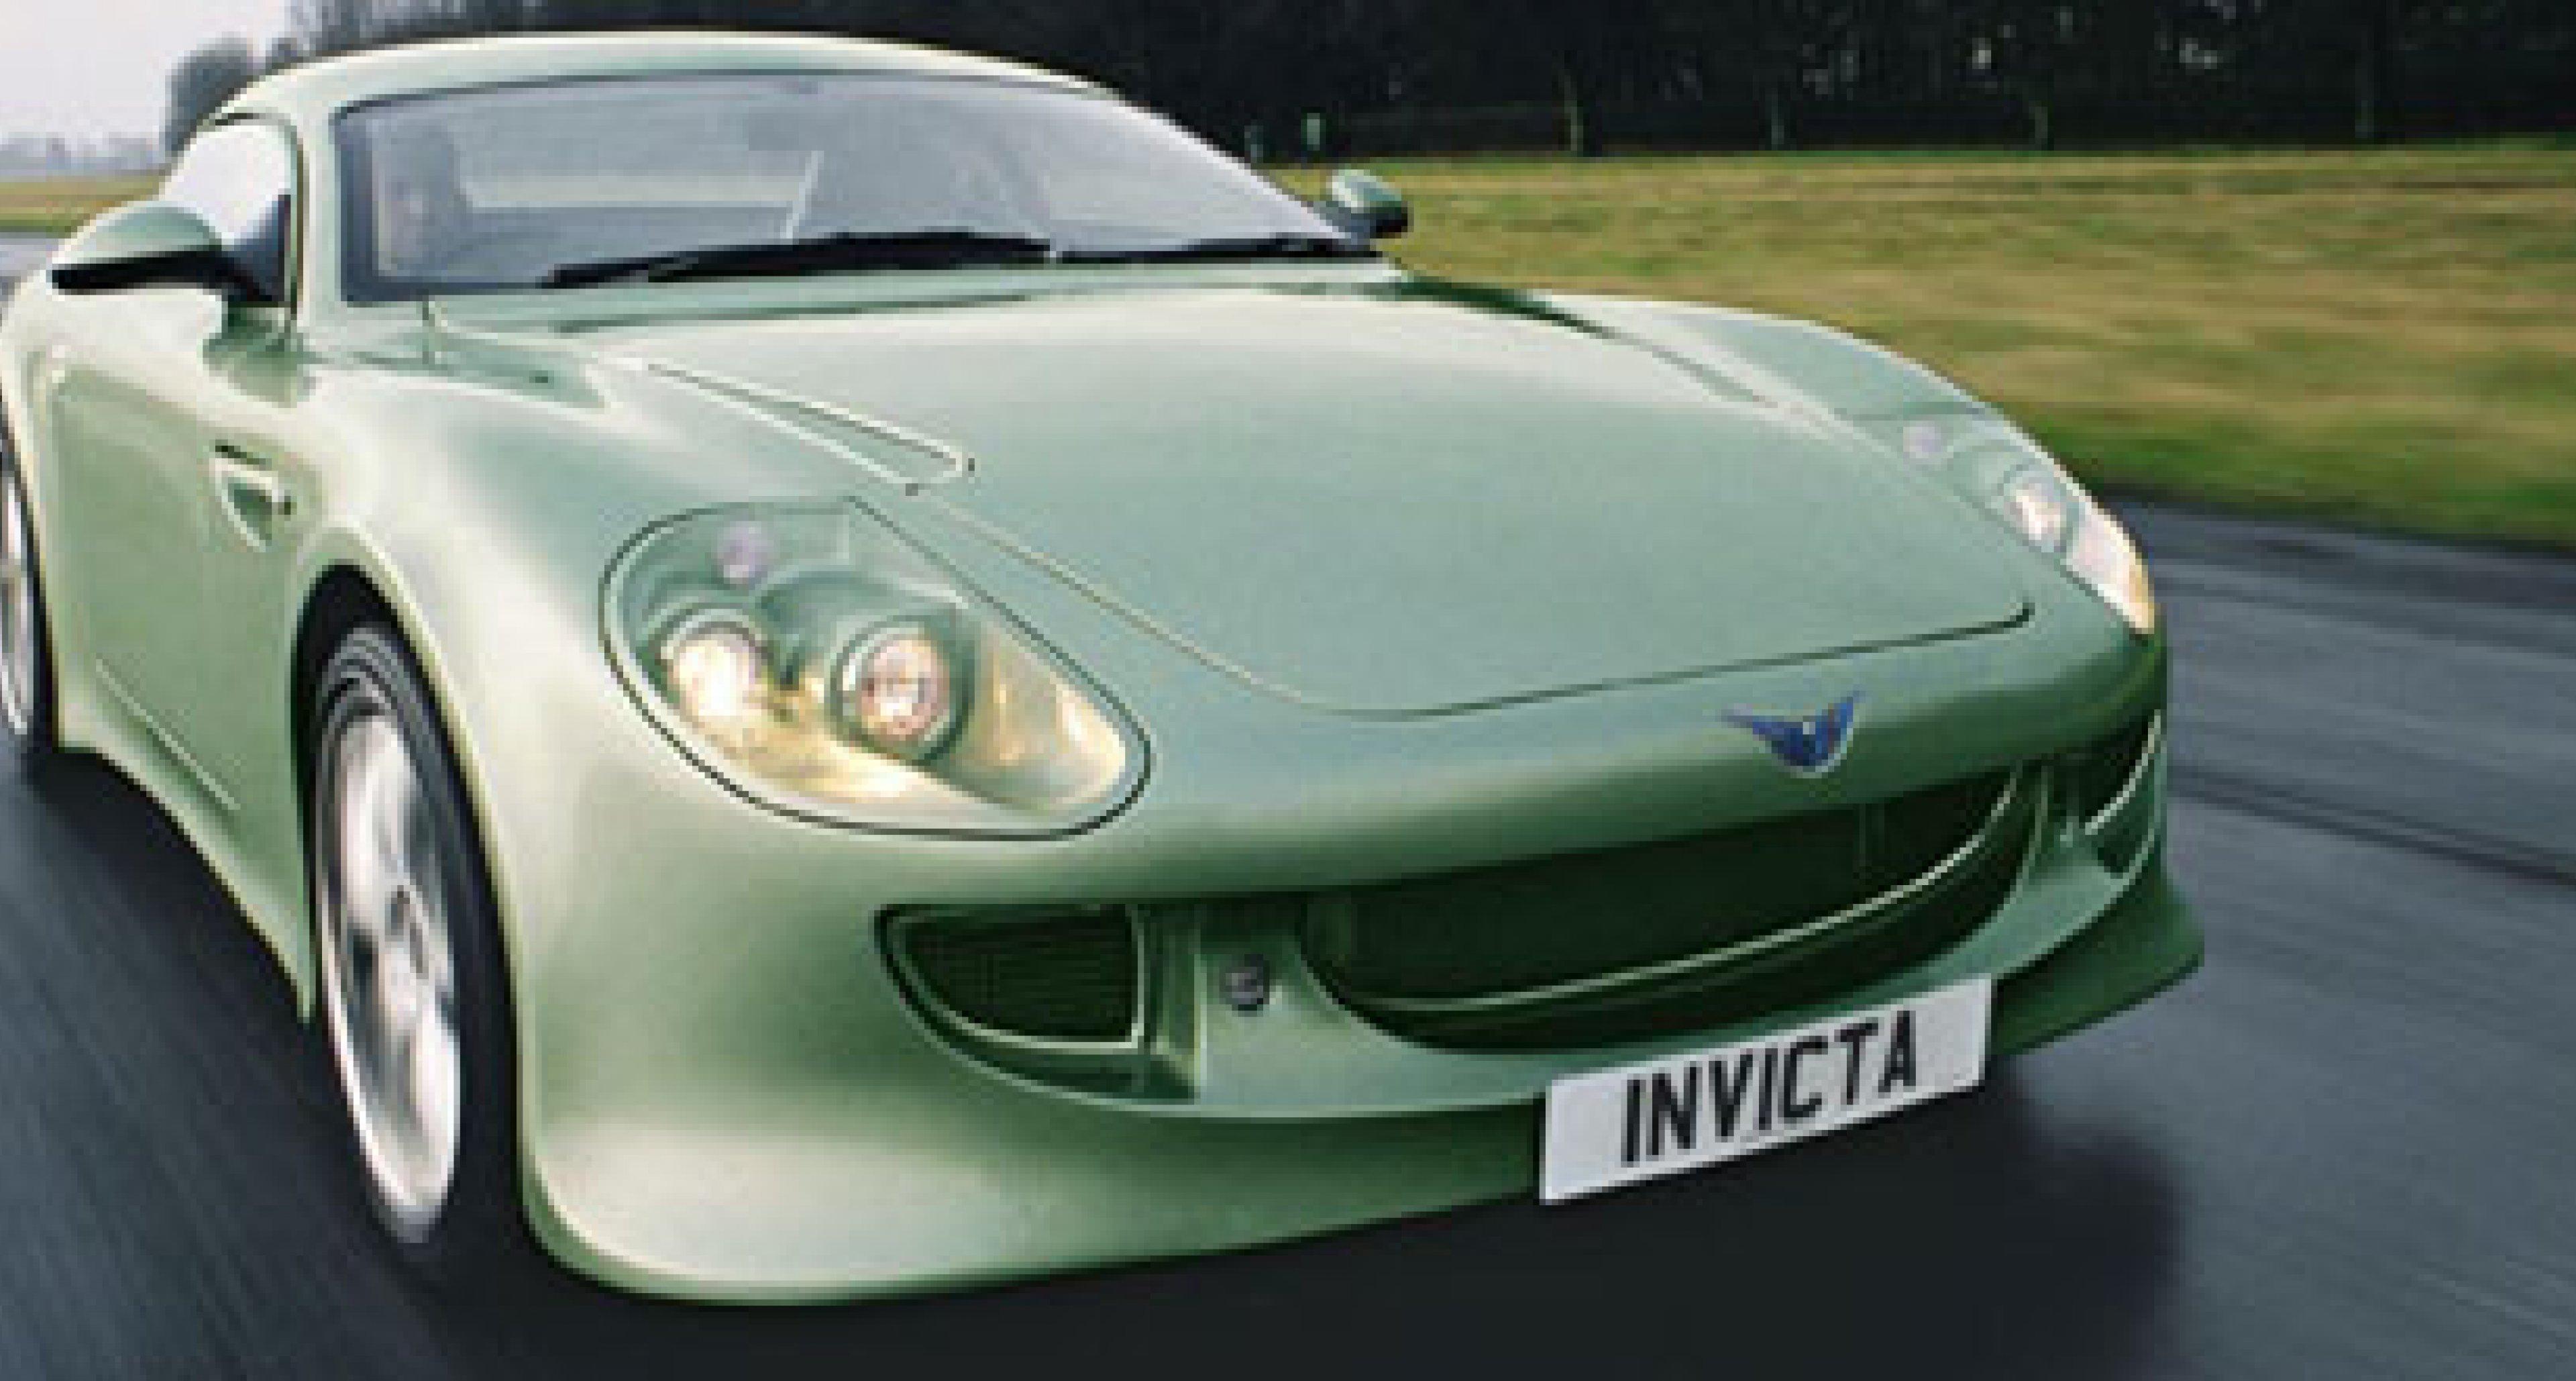 Invicta S1 – Debüt in Silverstone